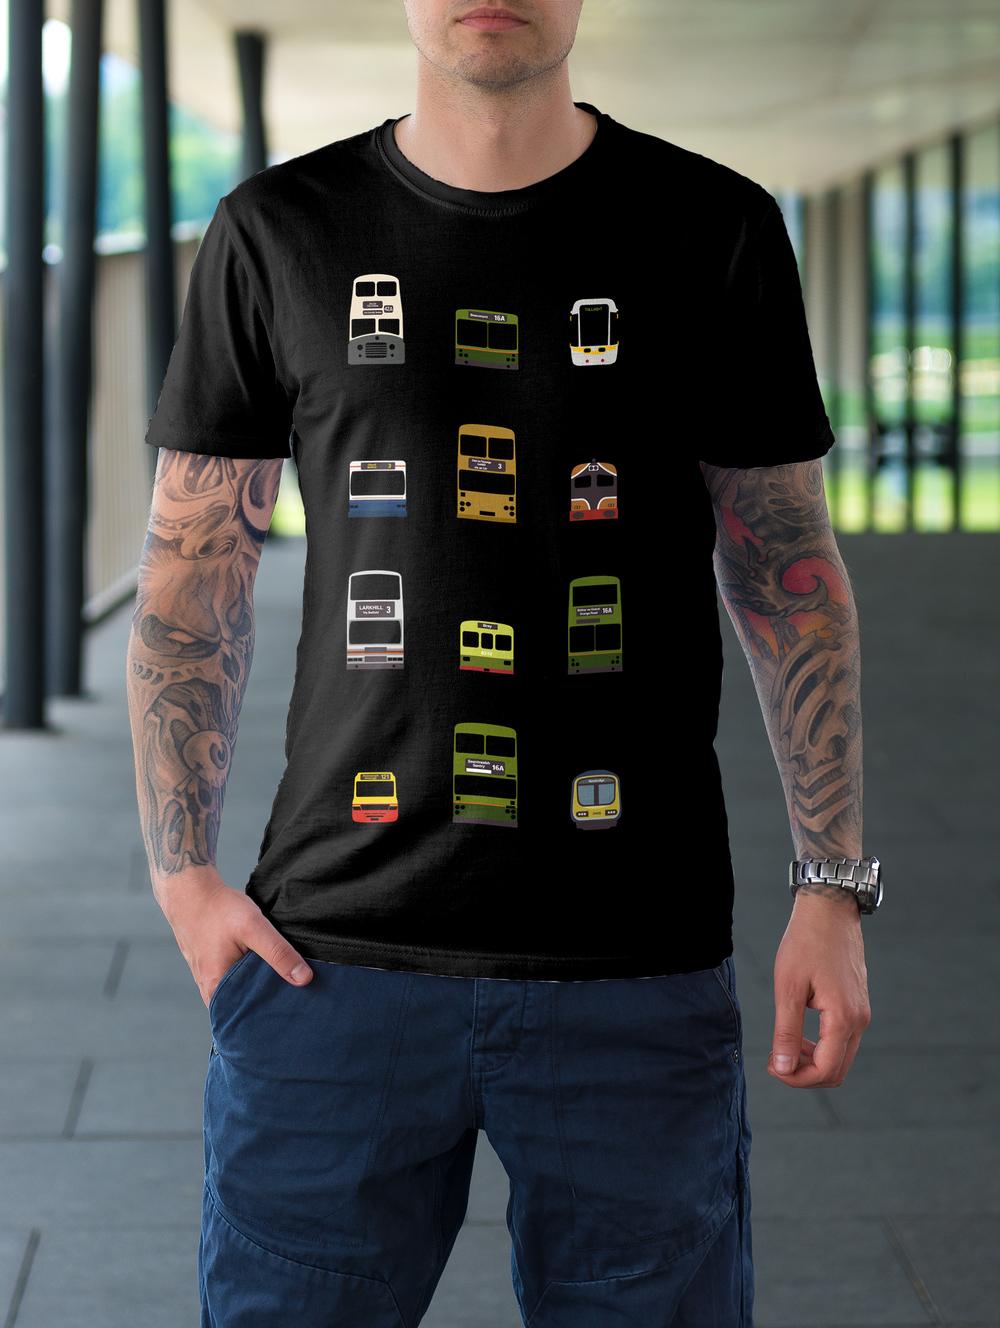 04-tshirt-male-mockup.jpg